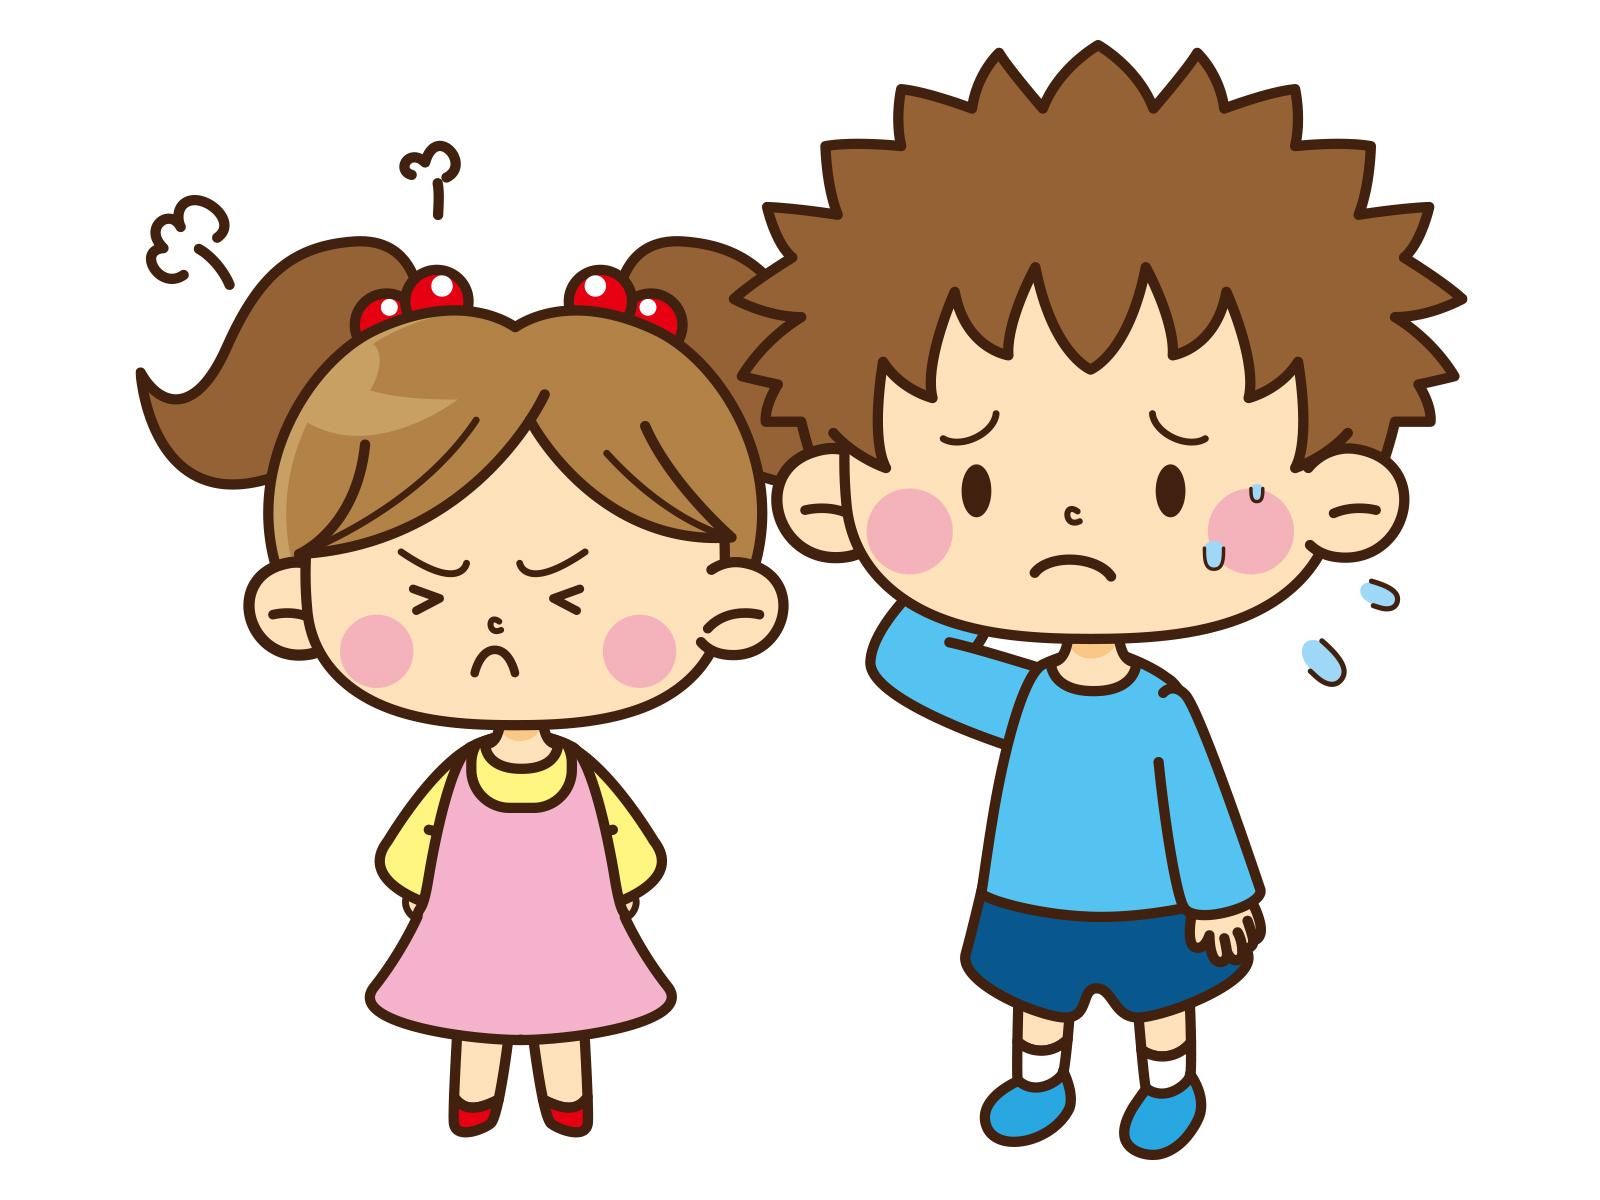 発達障害の子どもが友達を作る難しさ。親ができることとは